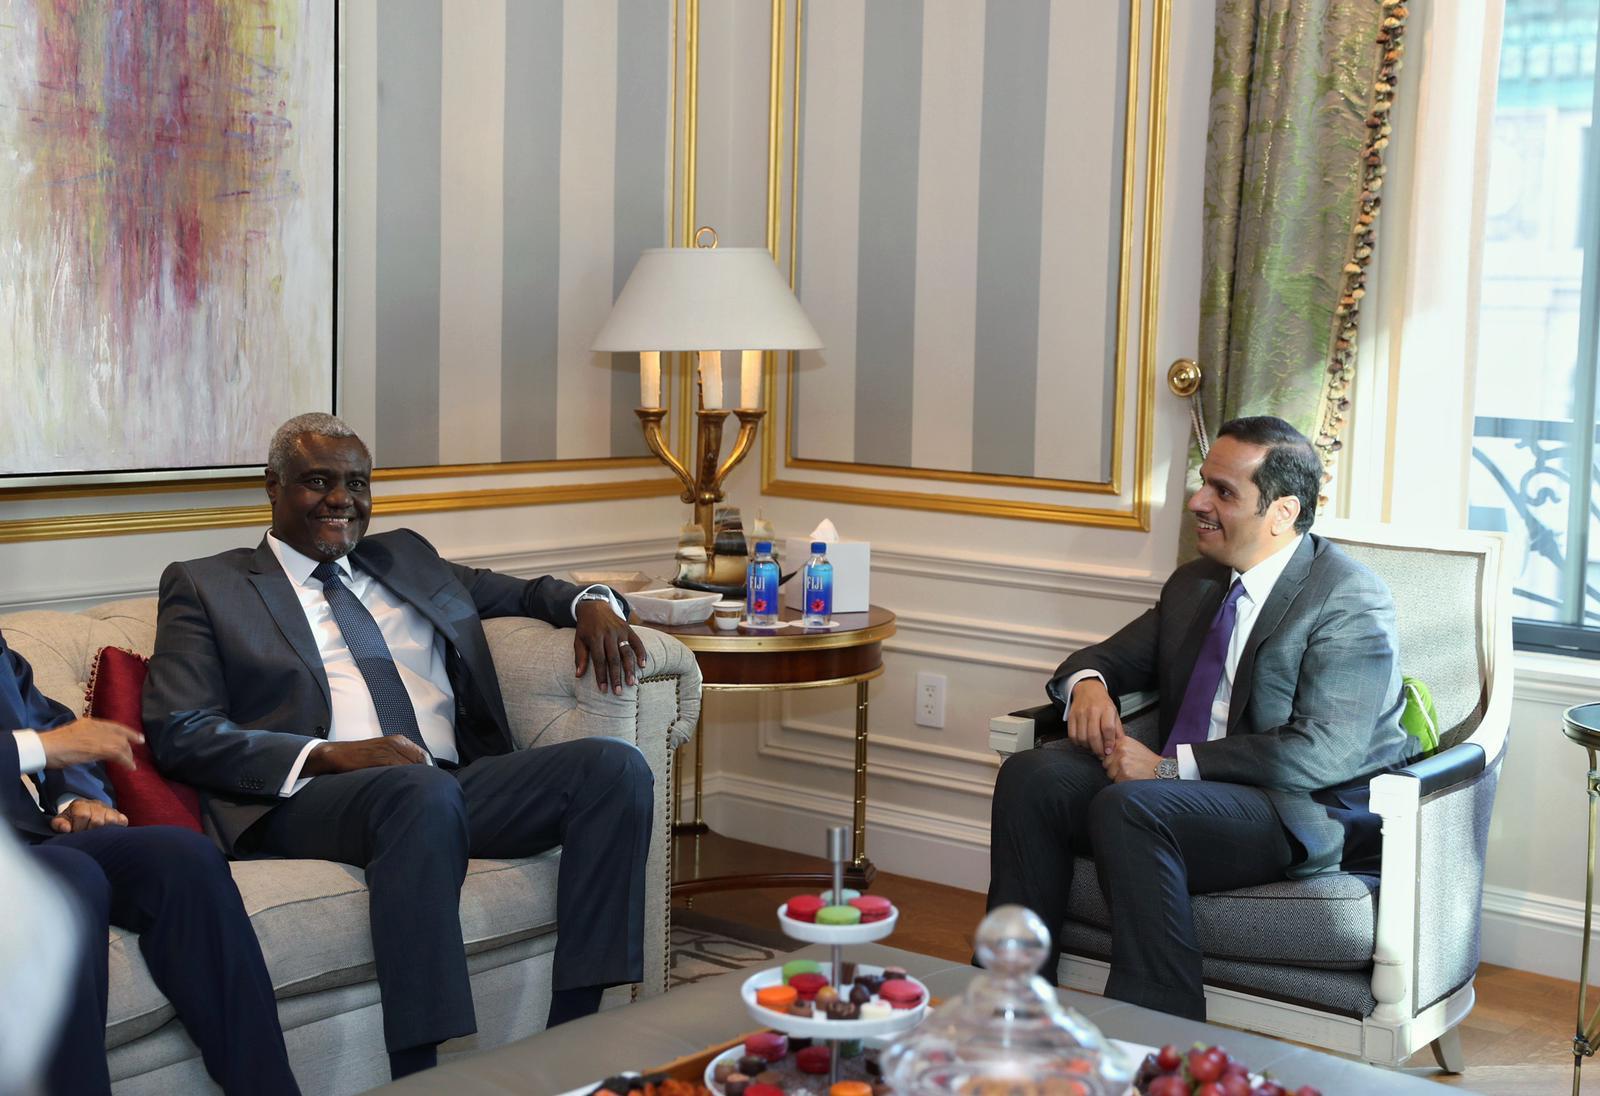 نائب رئيس مجلس الوزراء وزير الخارجية يجتمع مع رئيس مفوضية الاتحاد الإفريقي